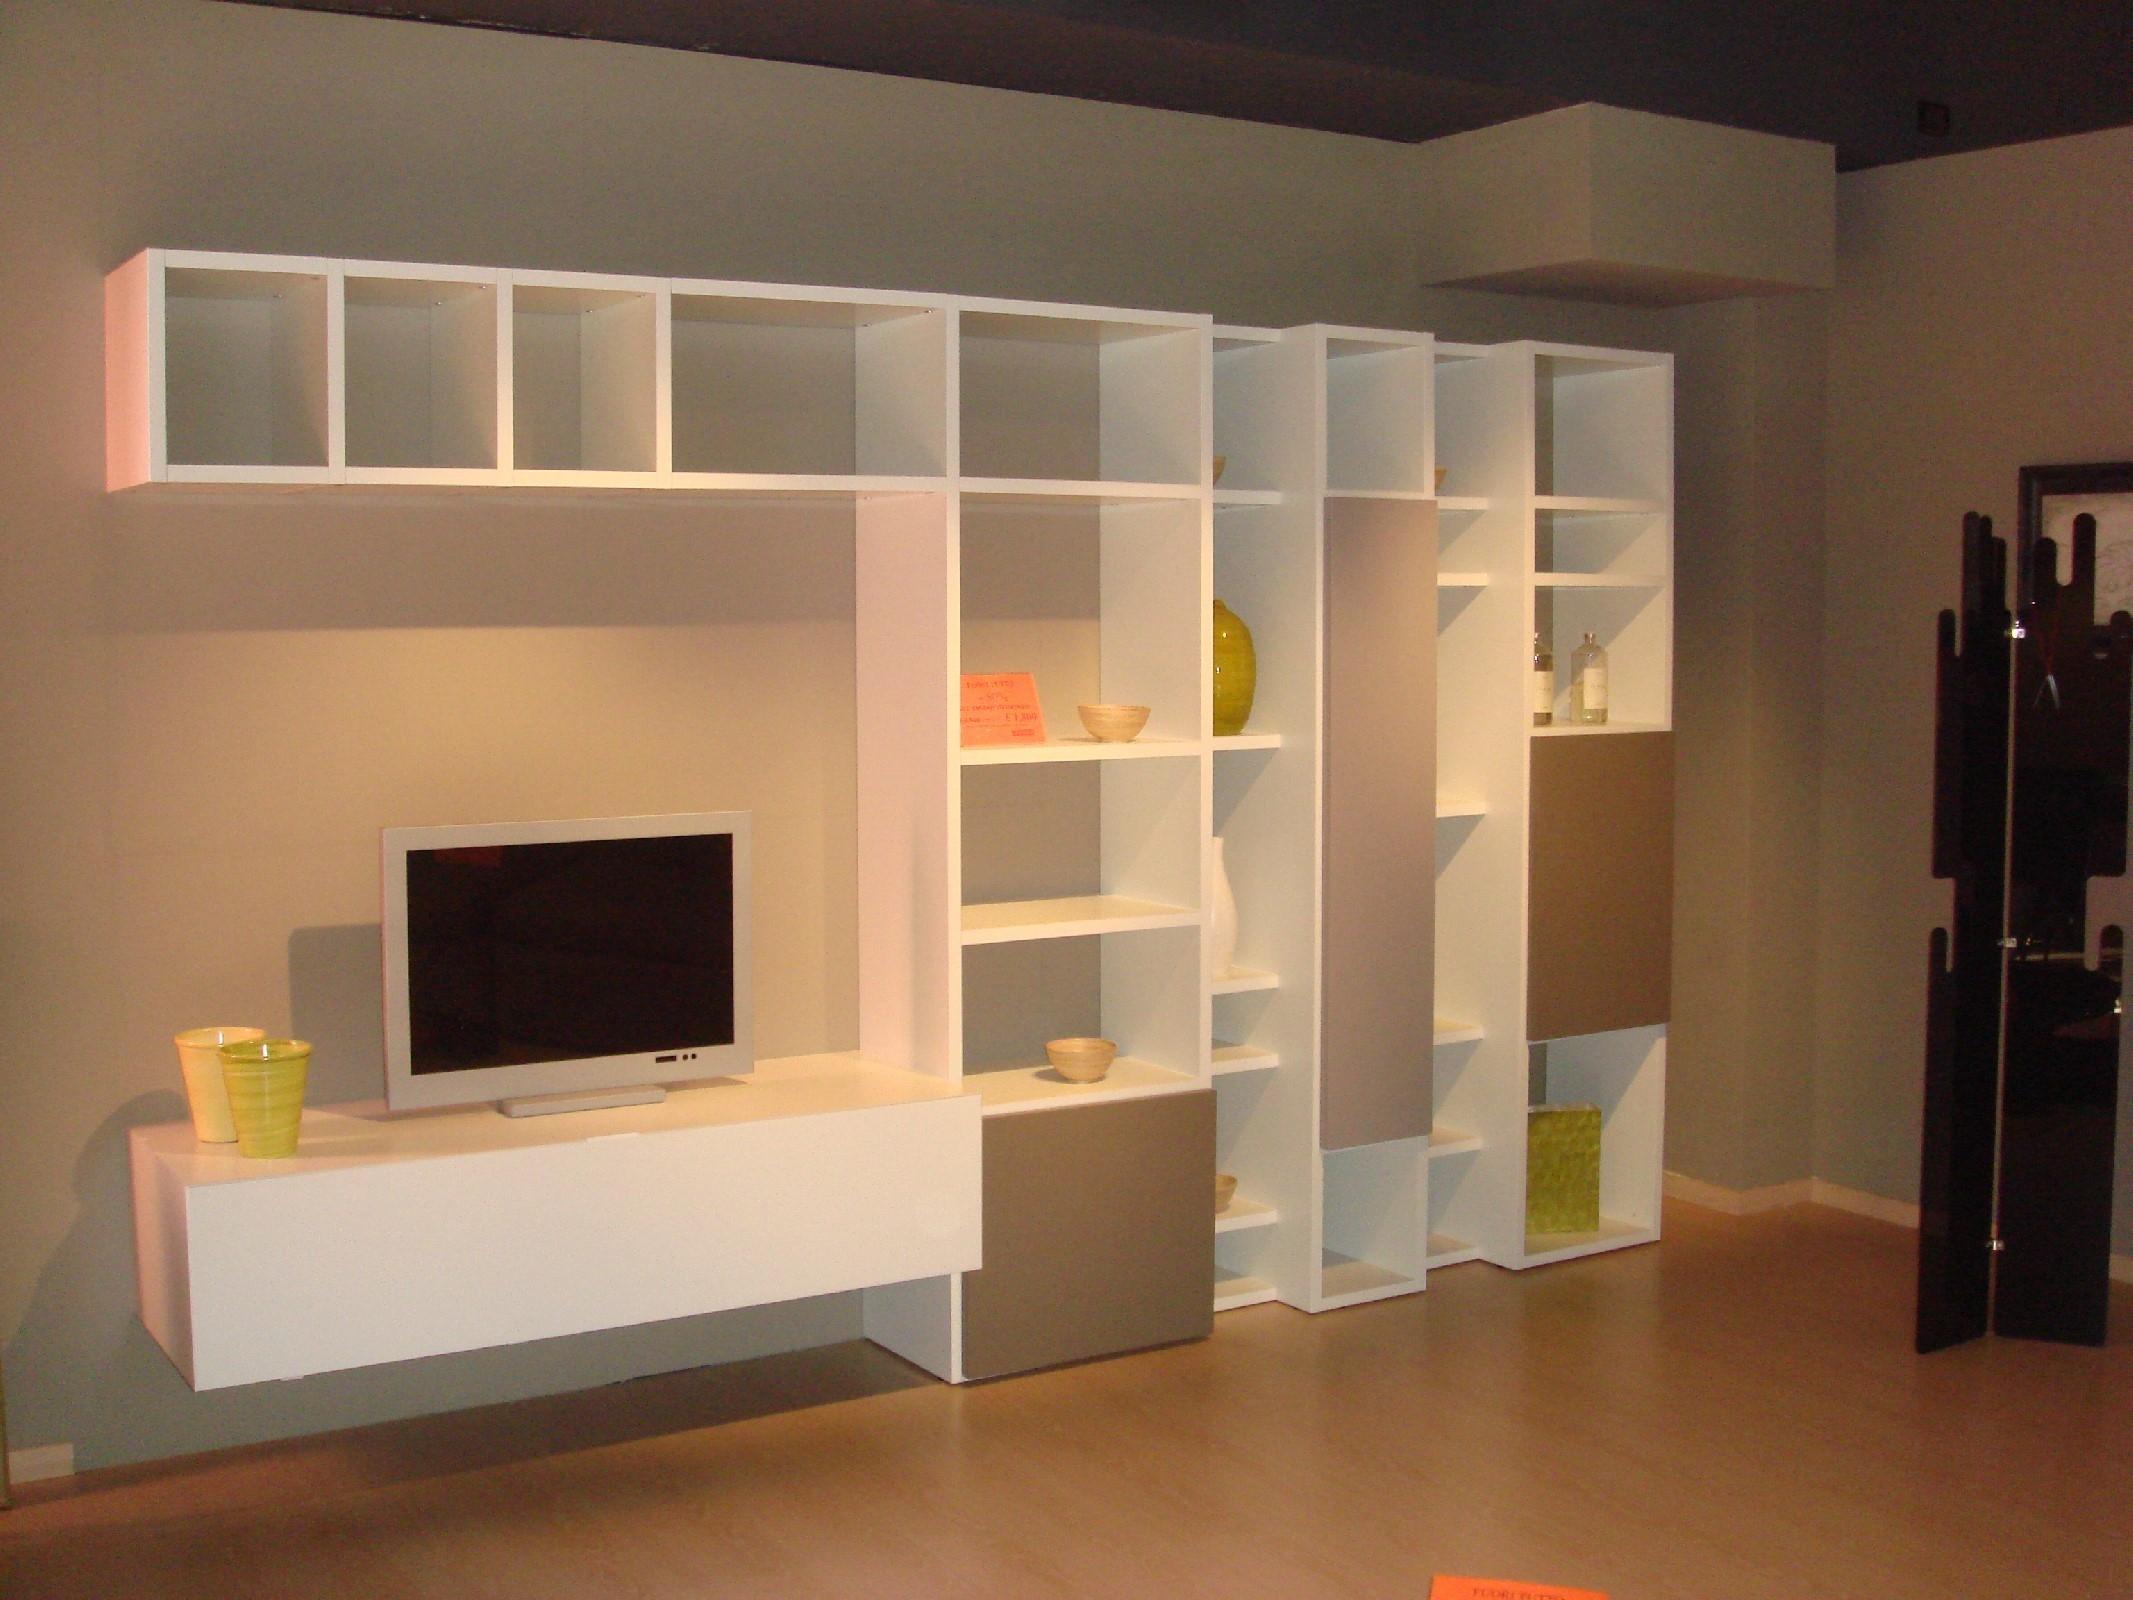 Soggiorno armobil lounge laccato opaco pareti attrezzate moderno ...